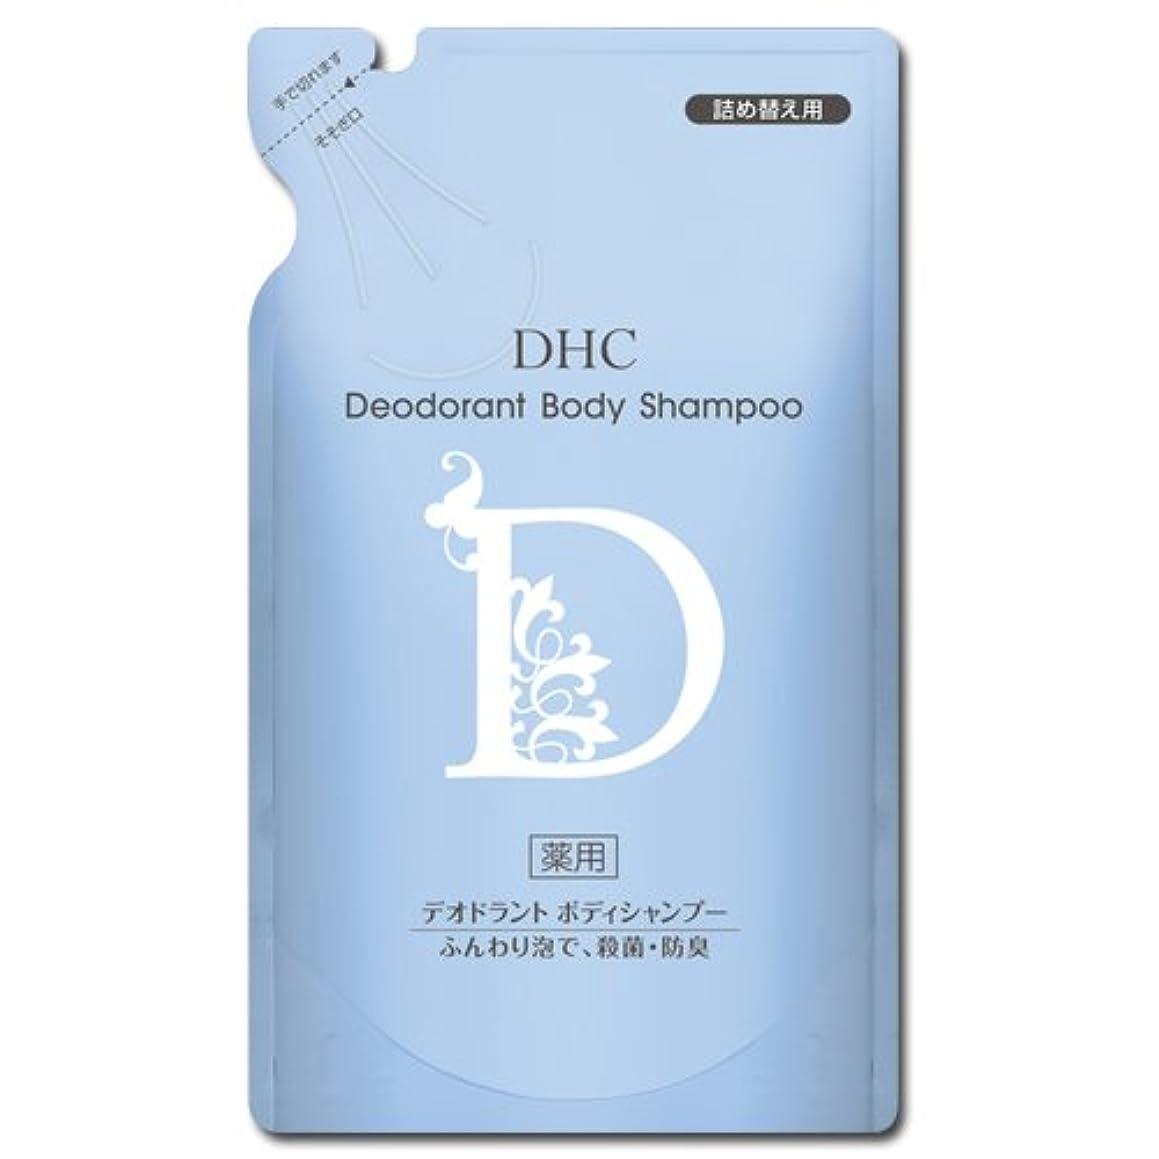 縞模様の降臨に変わる【医薬部外品】DHC薬用デオドラント ボディシャンプー 詰め替え用